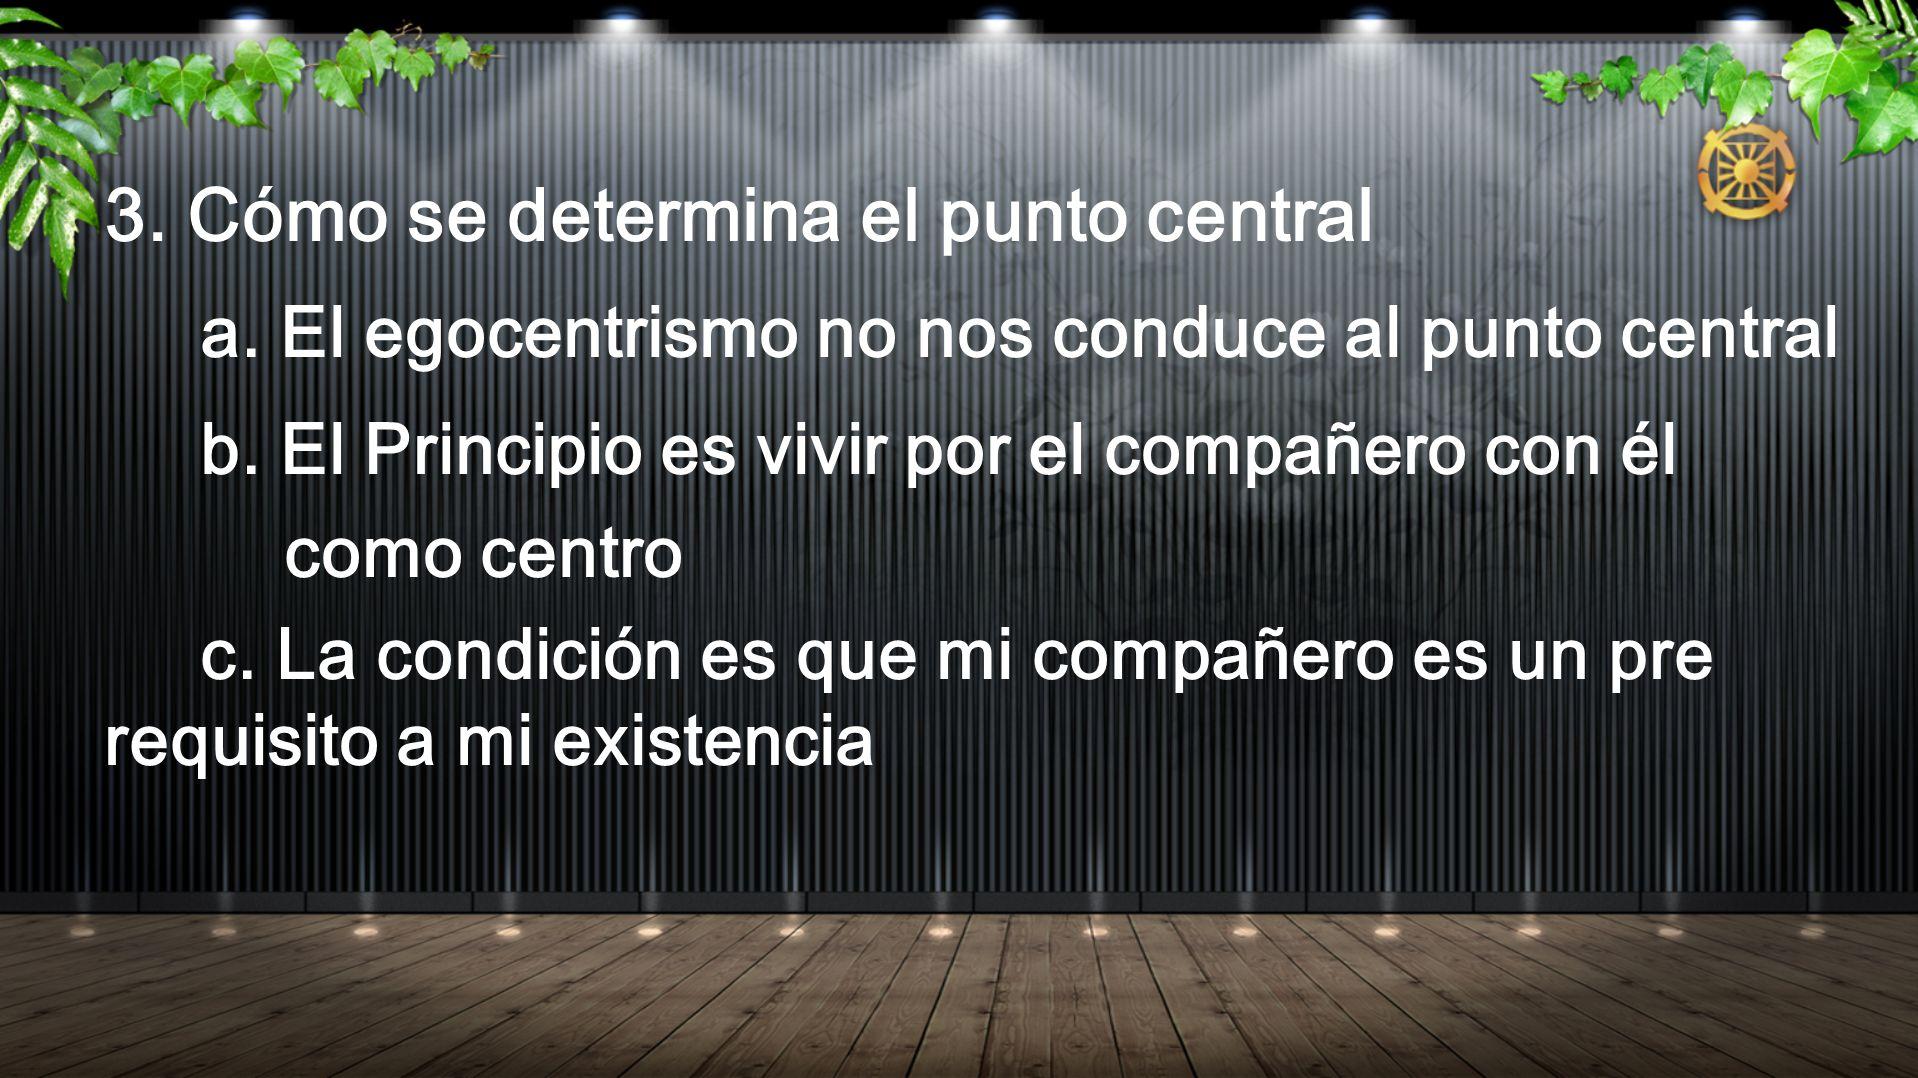 3. Cómo se determina el punto central a. El egocentrismo no nos conduce al punto central b. El Principio es vivir por el compañero con él como centro